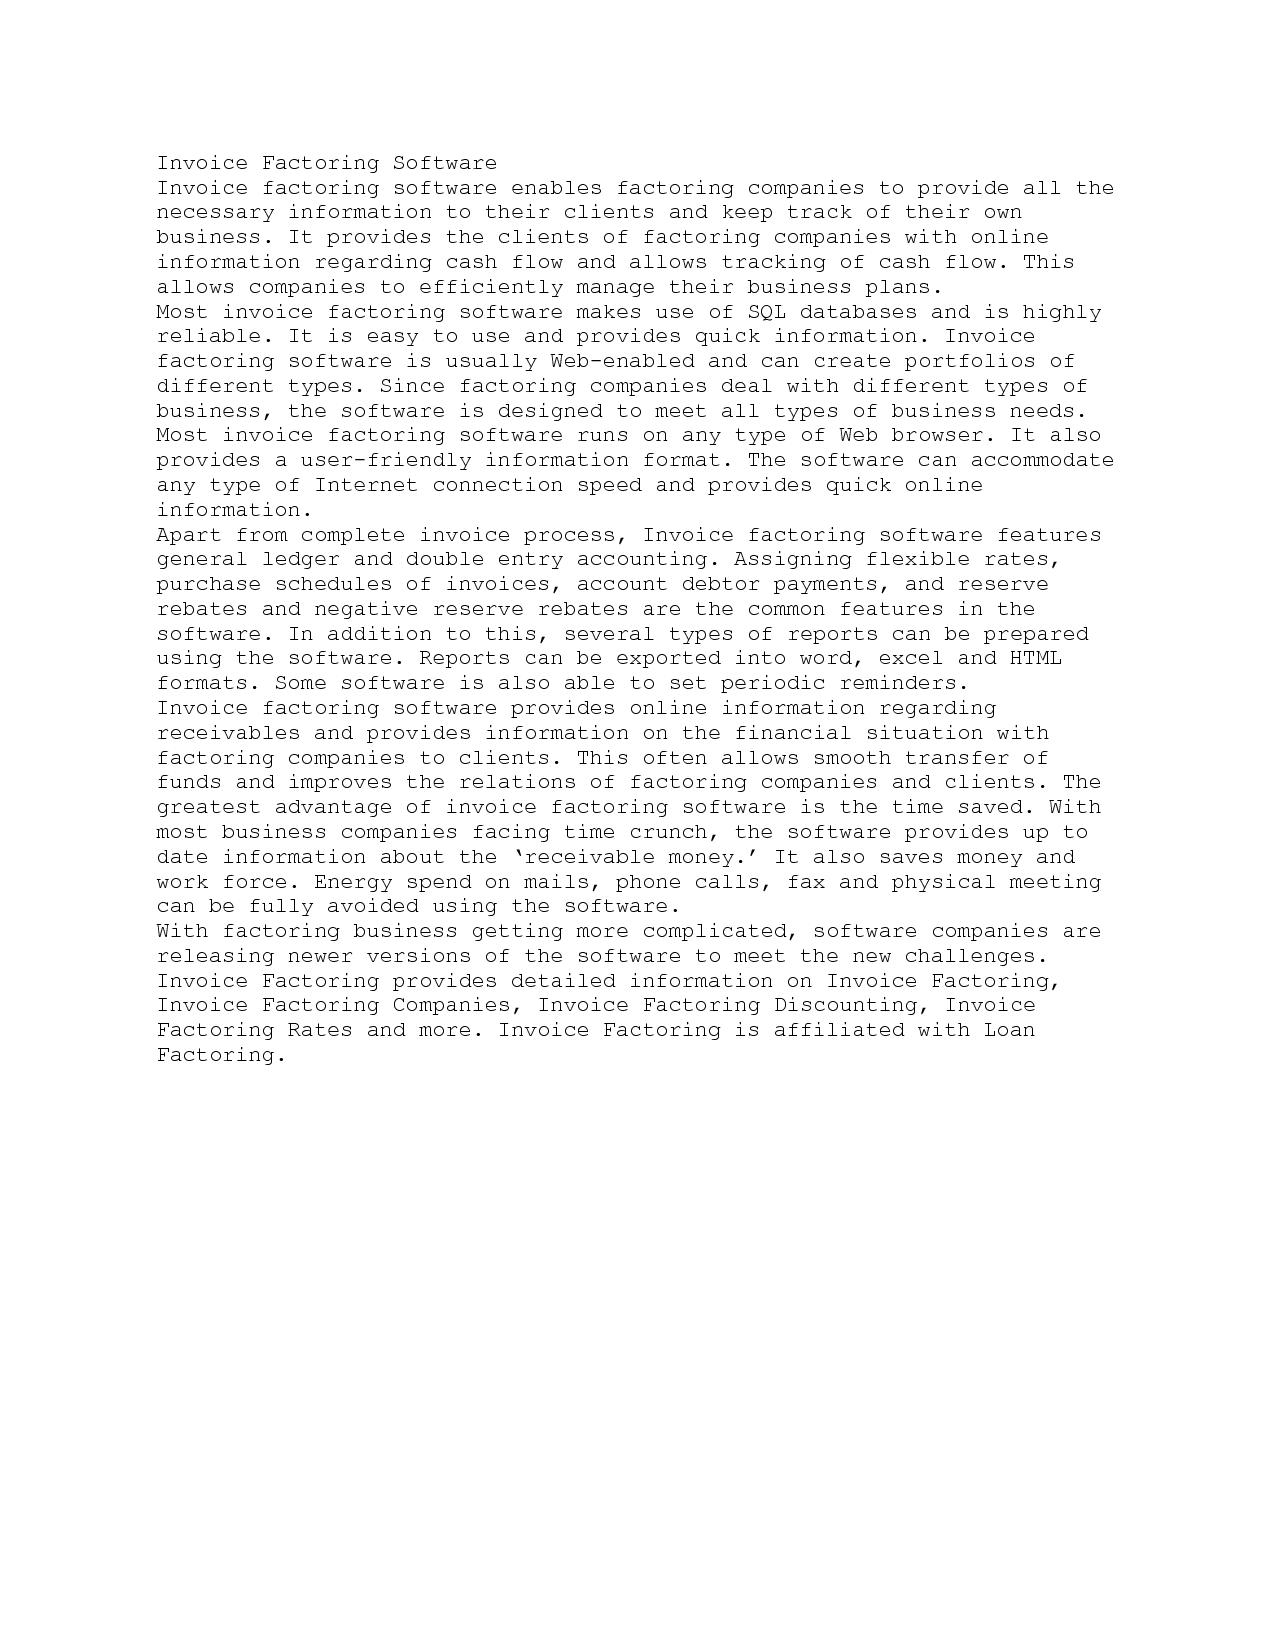 csi factoring launches invoice factoring website armandhqqk39s soup invoice factoring quotes